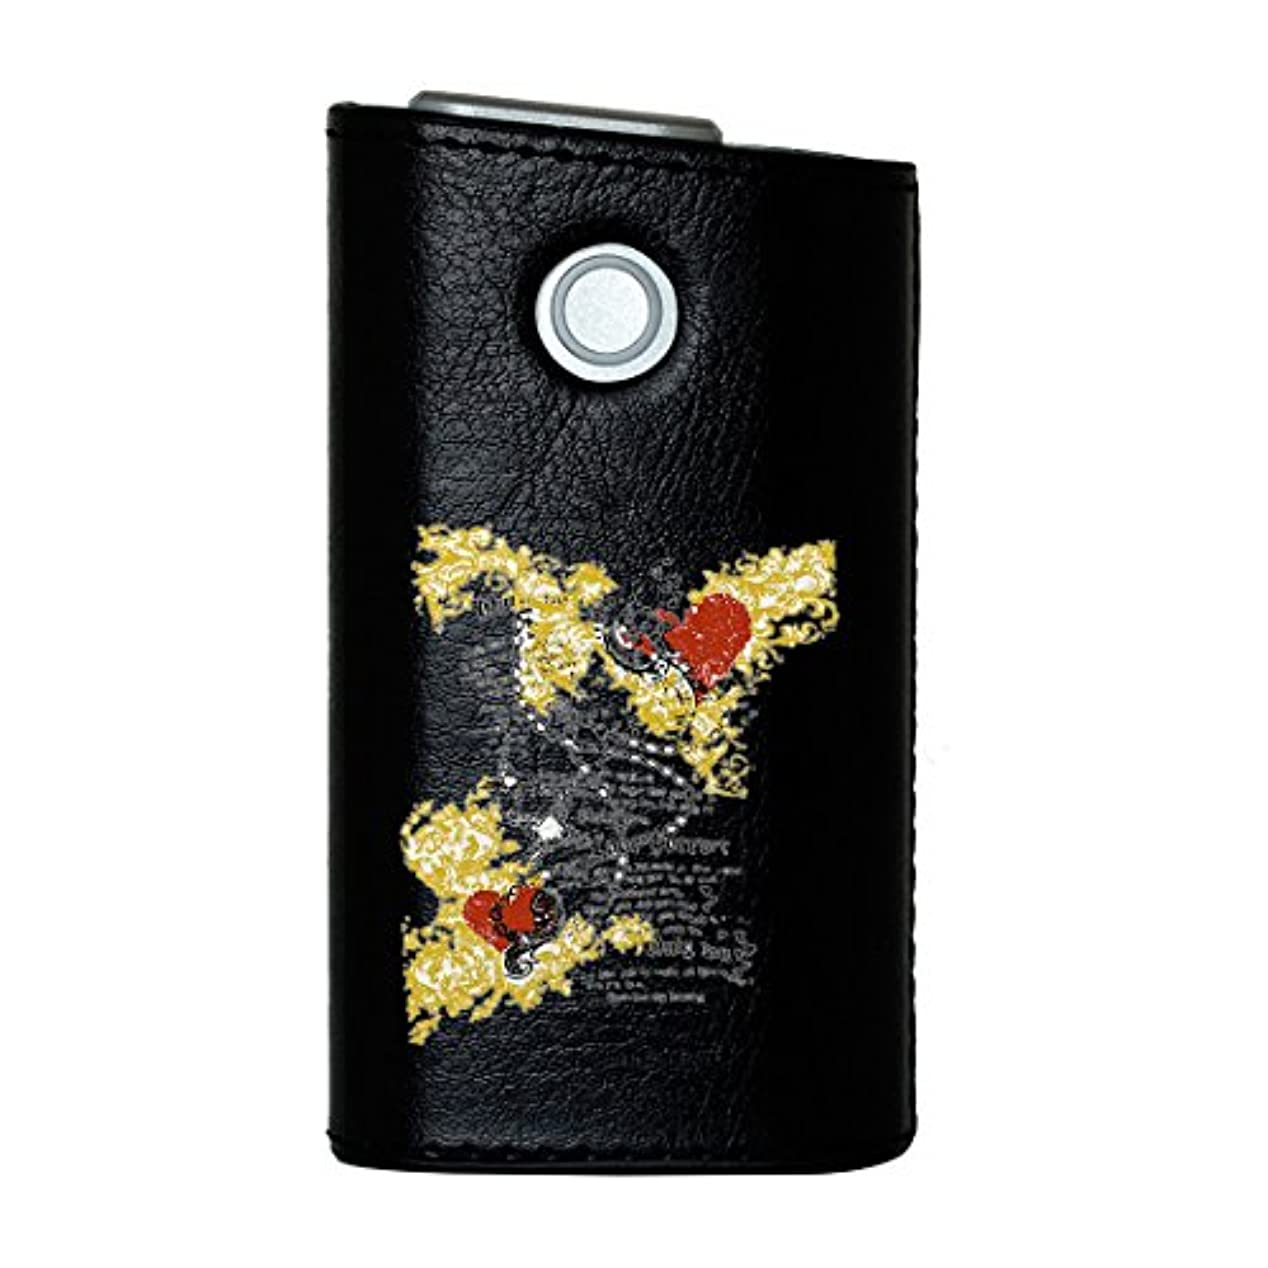 ミシン目軍あからさまglo グロー グロウ 専用 レザーケース レザーカバー タバコ ケース カバー 合皮 ハードケース カバー 収納 デザイン 革 皮 BLACK ブラック クール ハート ROCK 001095